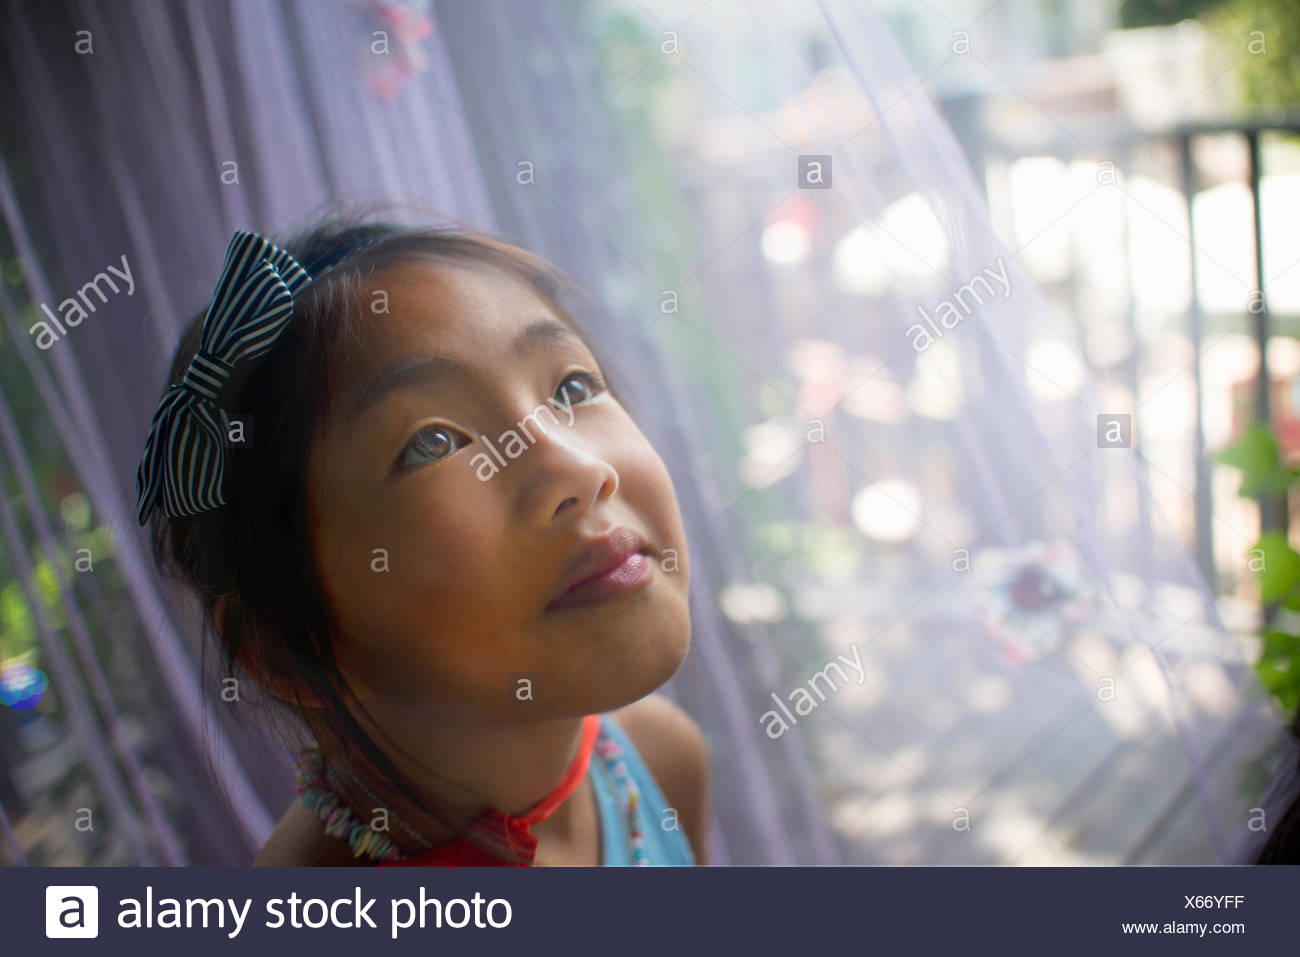 Retrato de joven asiática, la cabeza y los hombros, close-up Imagen De Stock